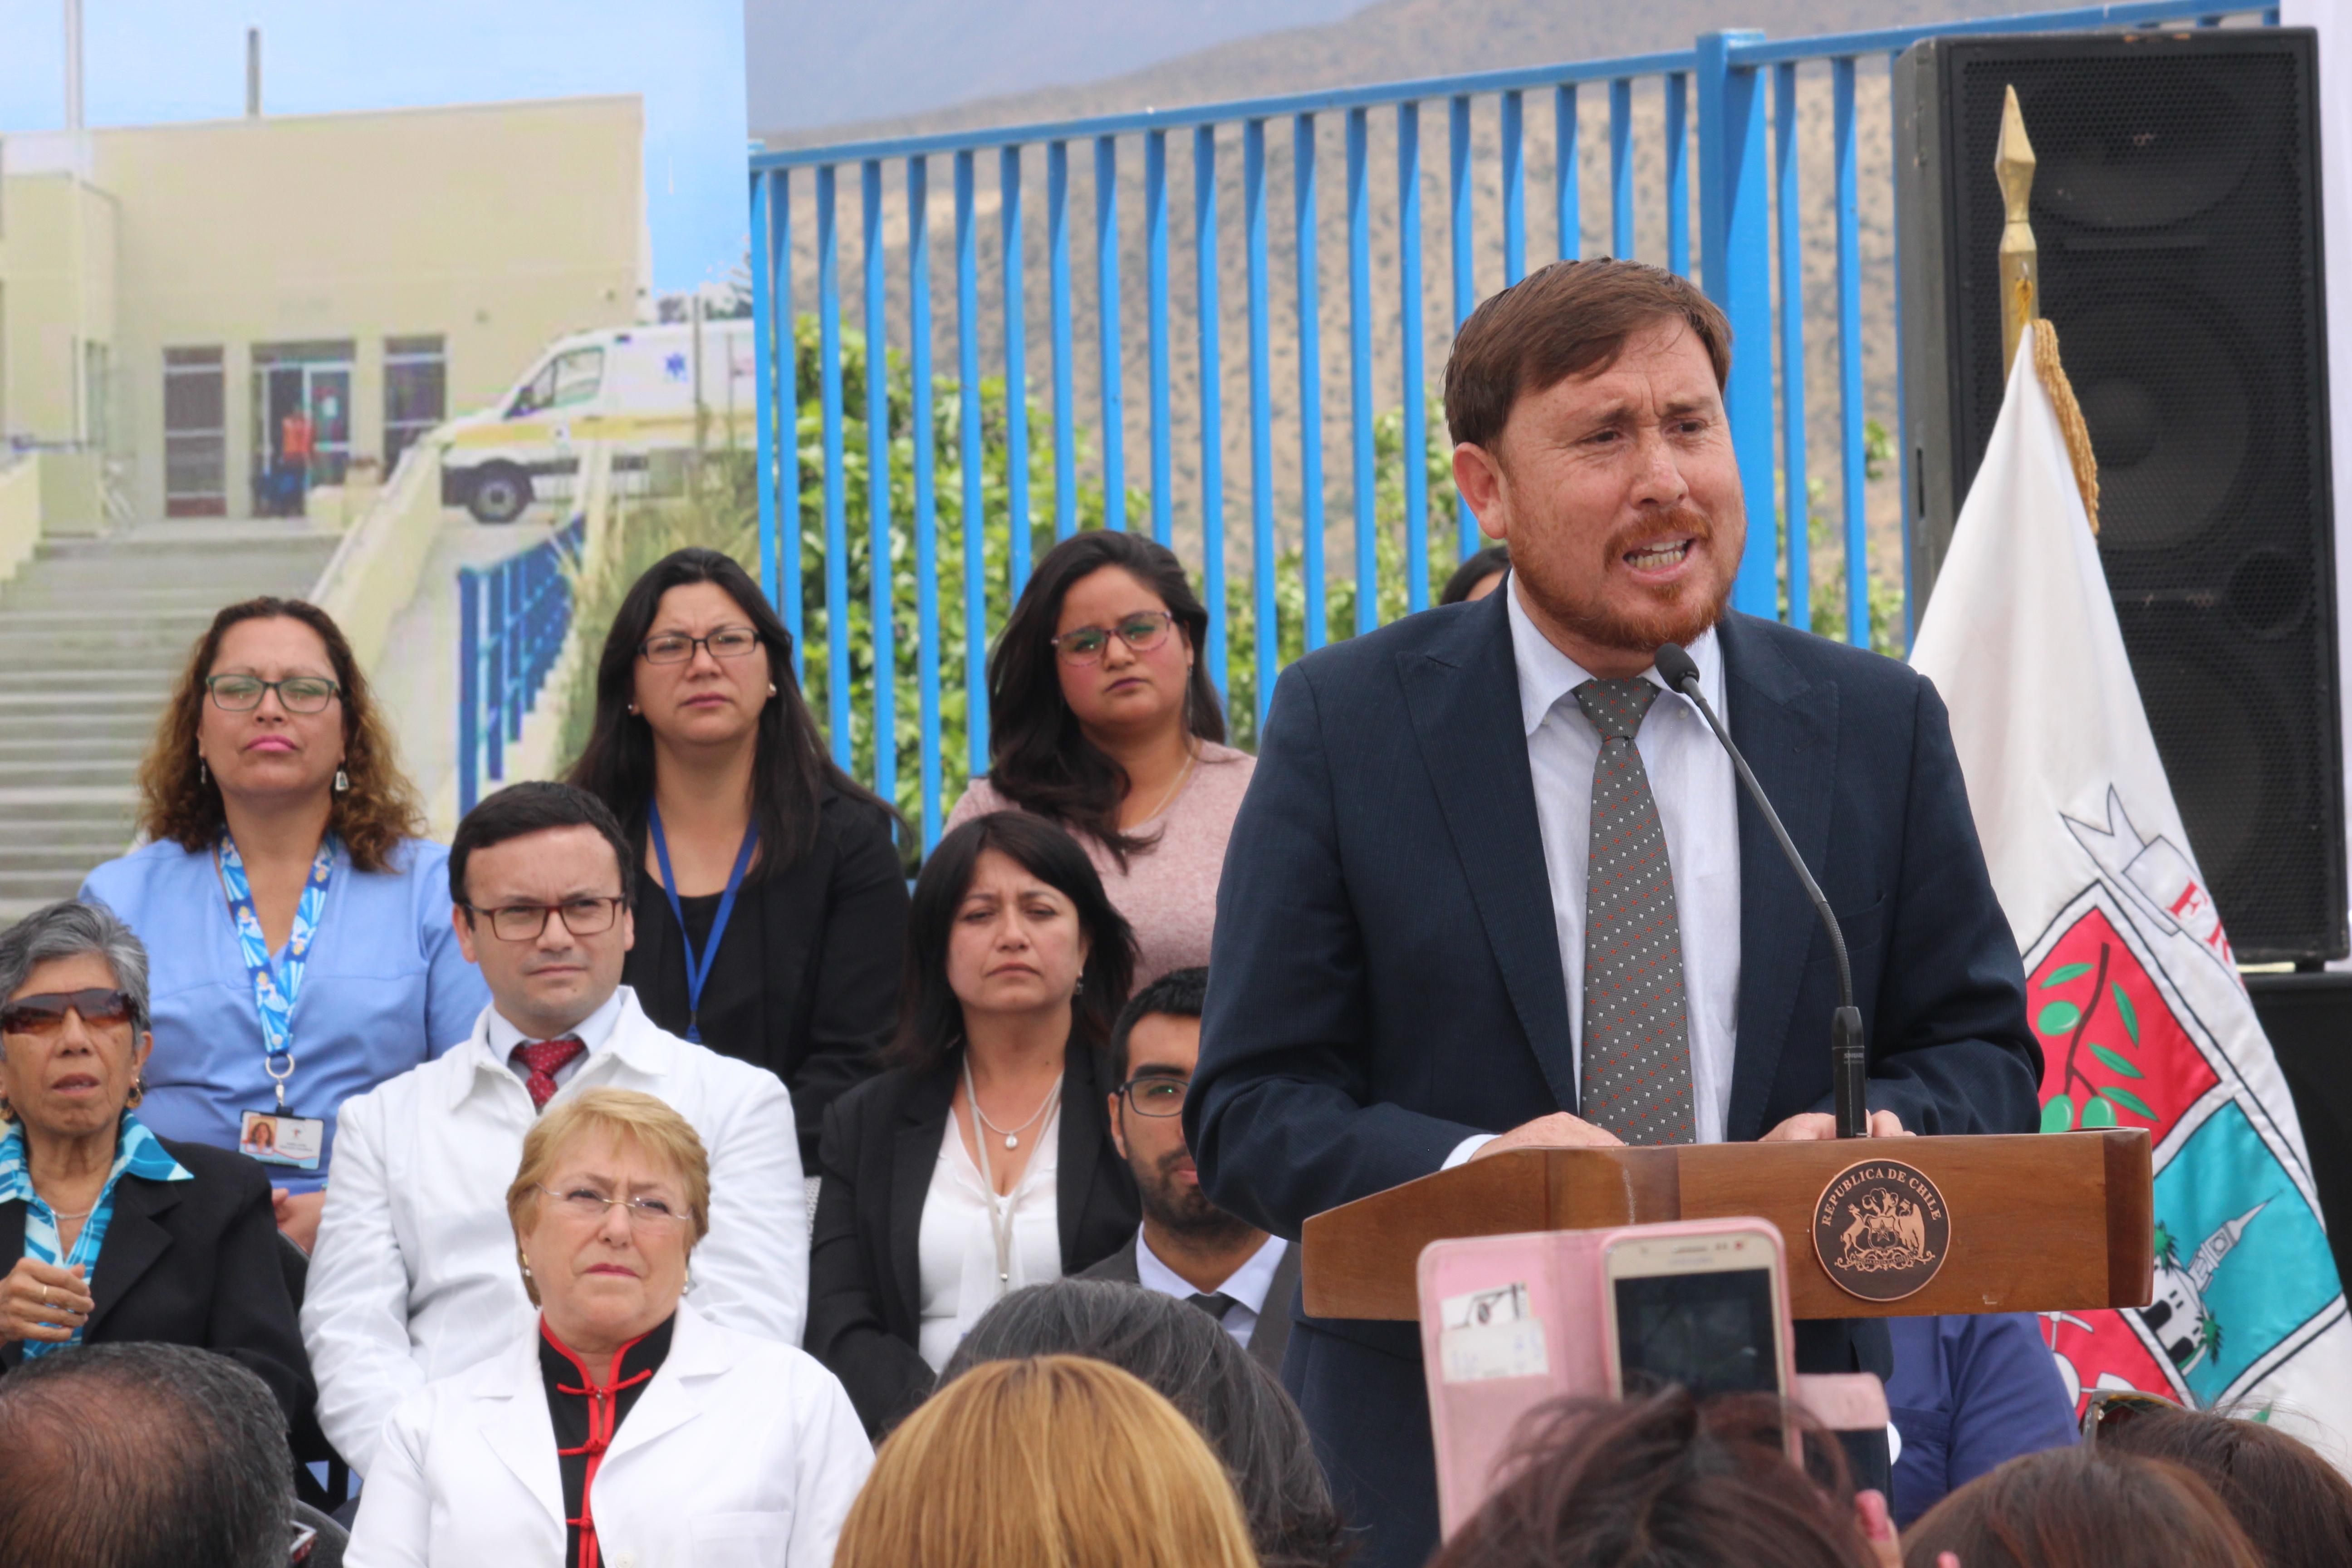 Alcalde de Freirina lanza dura crítica a Piñera en acto encabezado por presidenta Bachelet